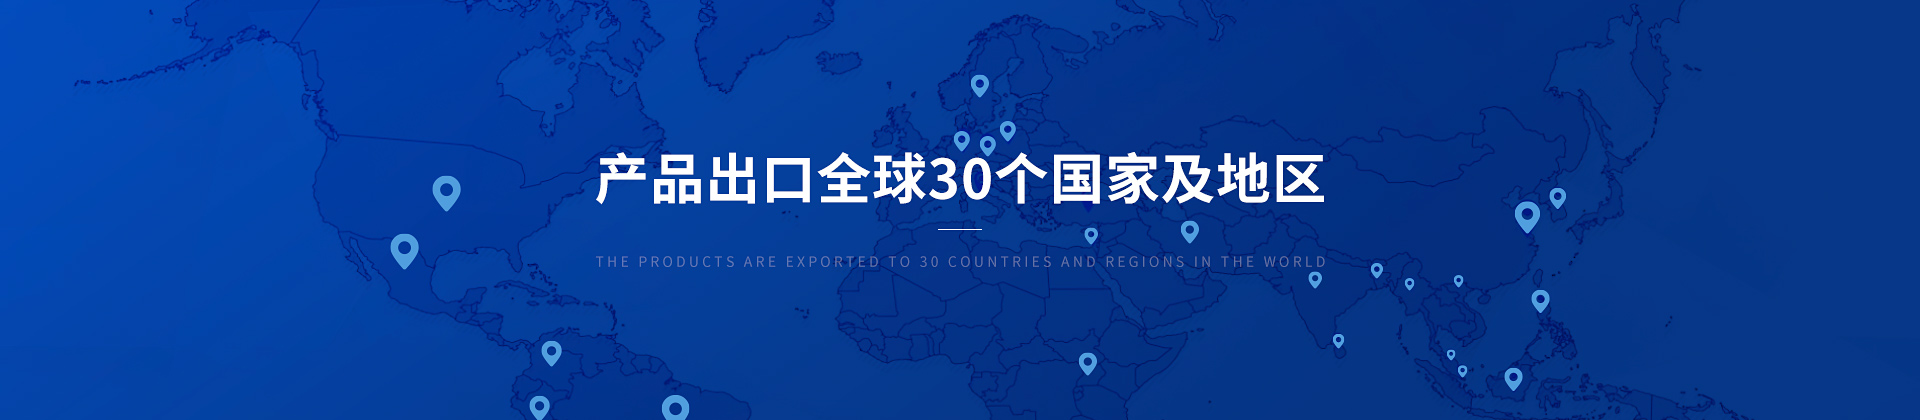 博取仪器产品出口30个国家及地区